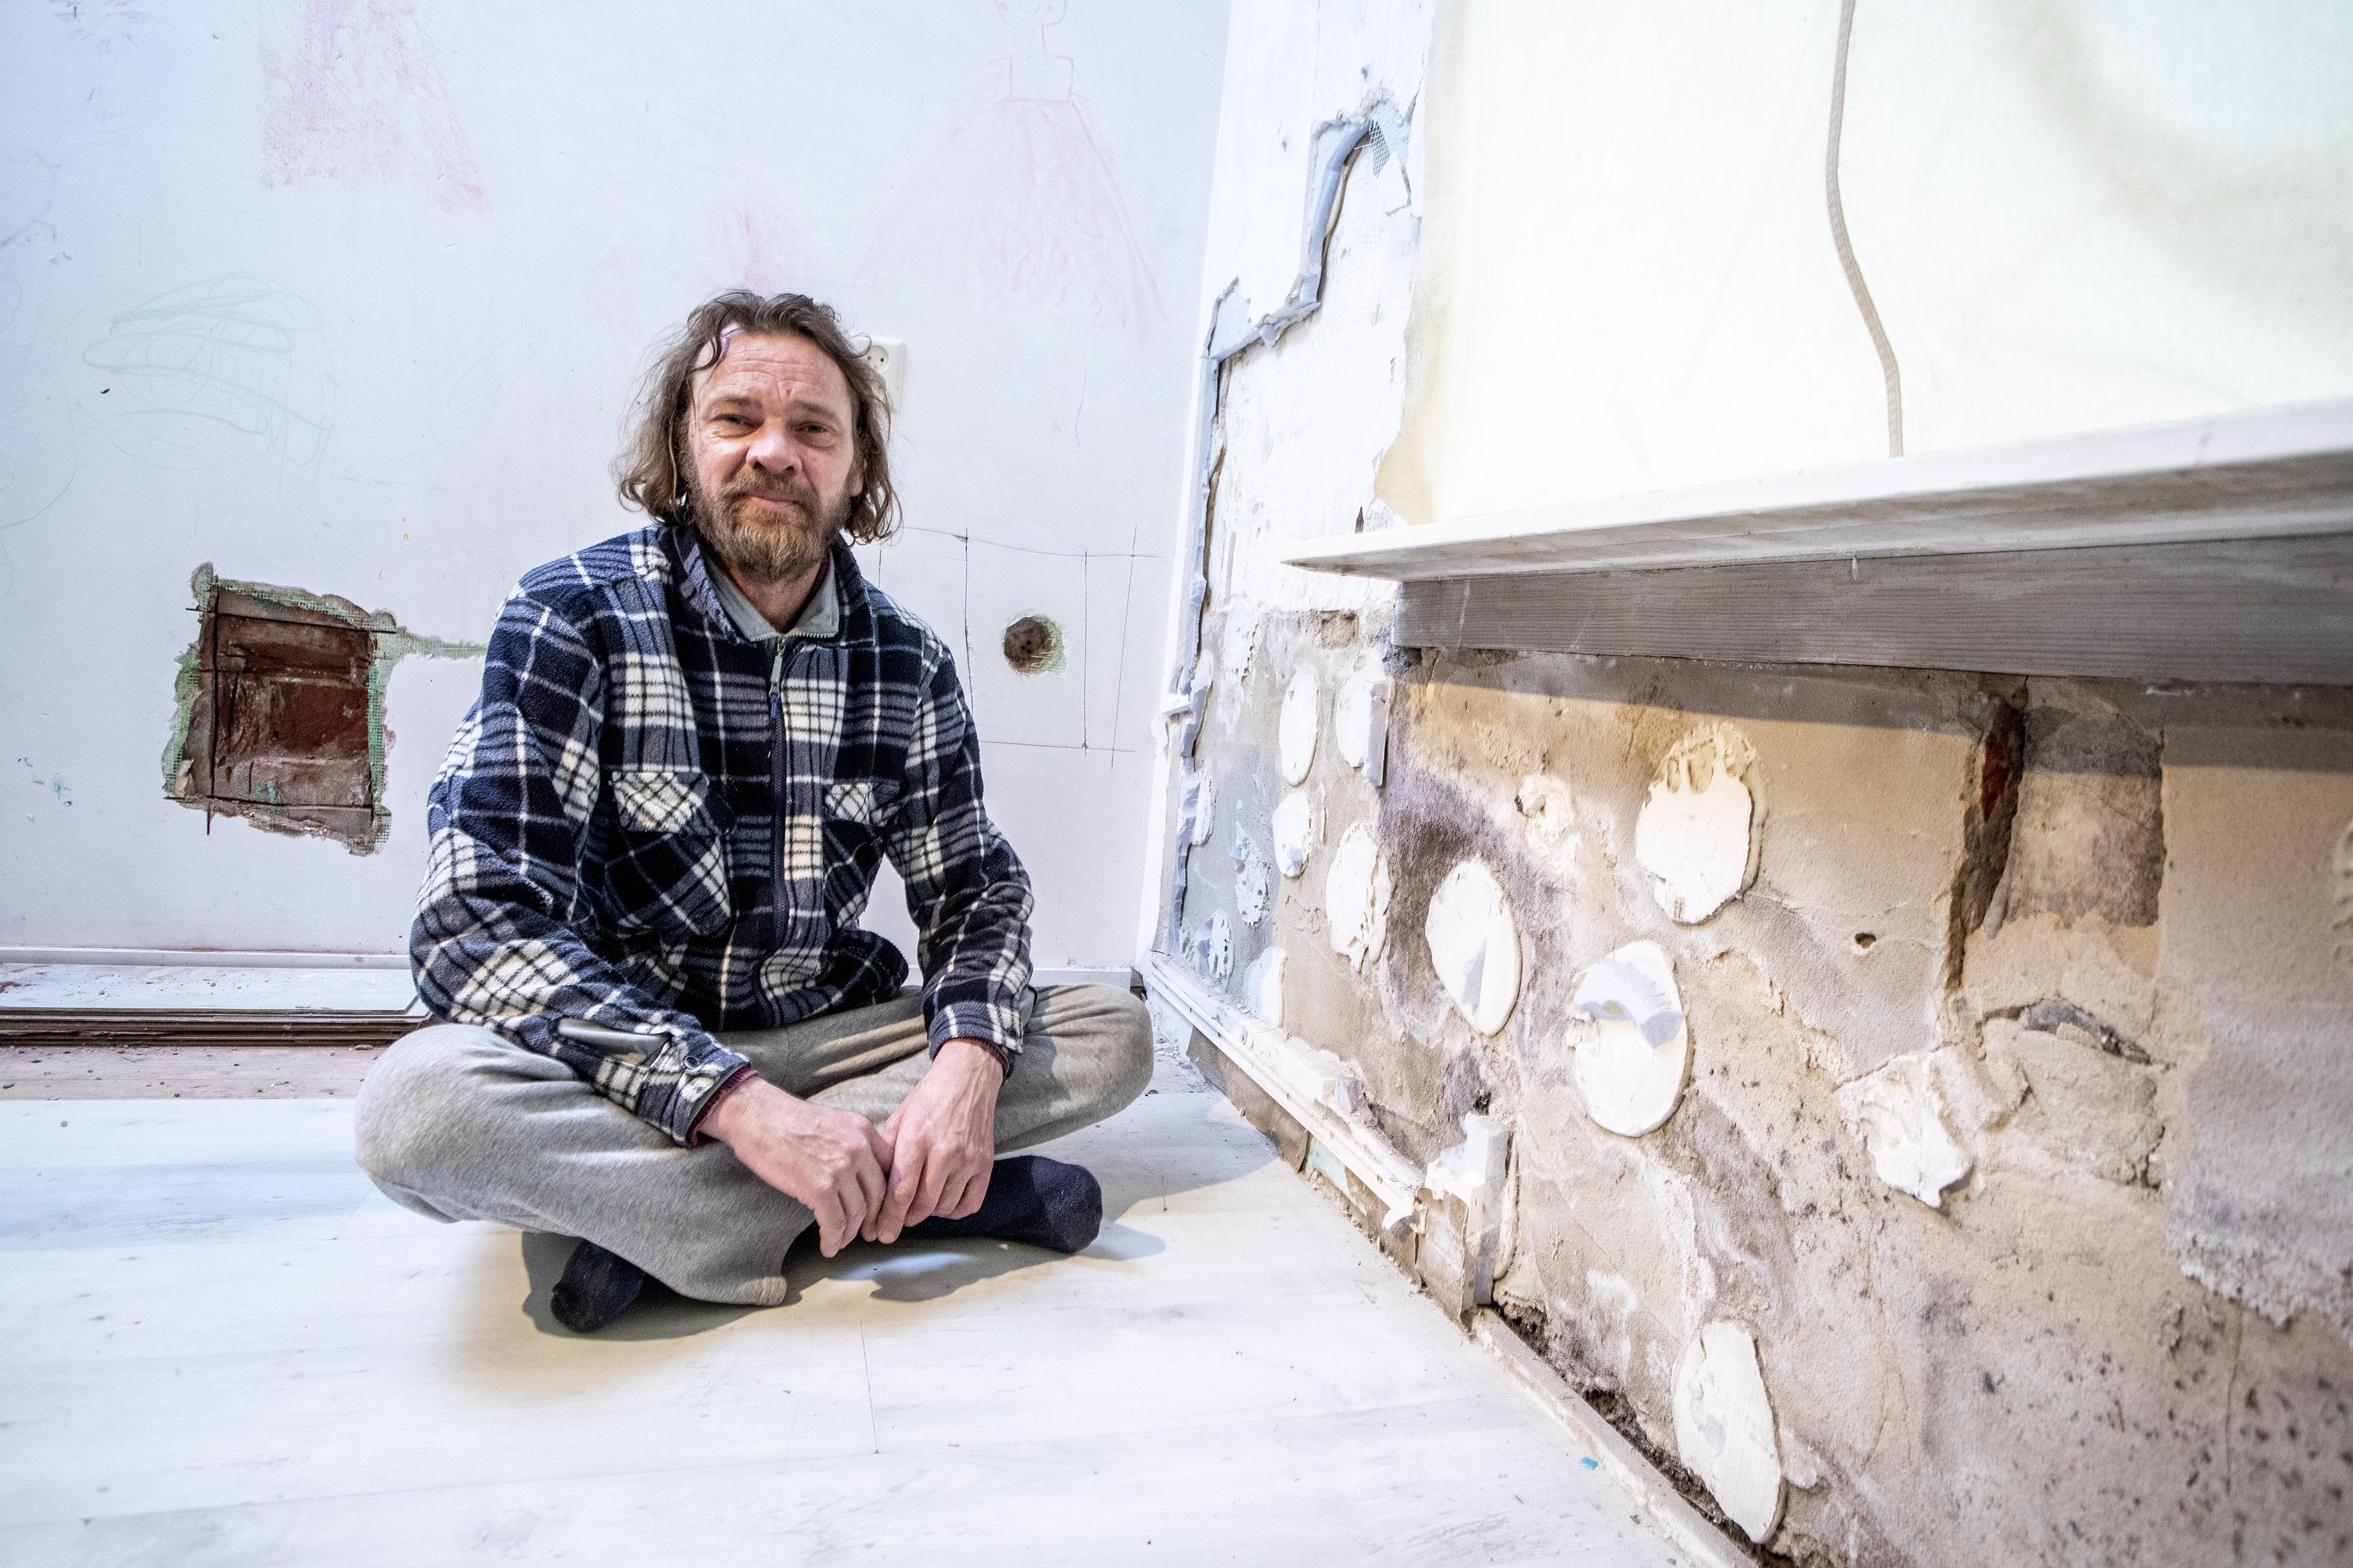 Meerdere huurders van Velison Wonen in Zeeheldenbuurt IJmuiden kampen met schimmel- en vochtproblemen in woningen